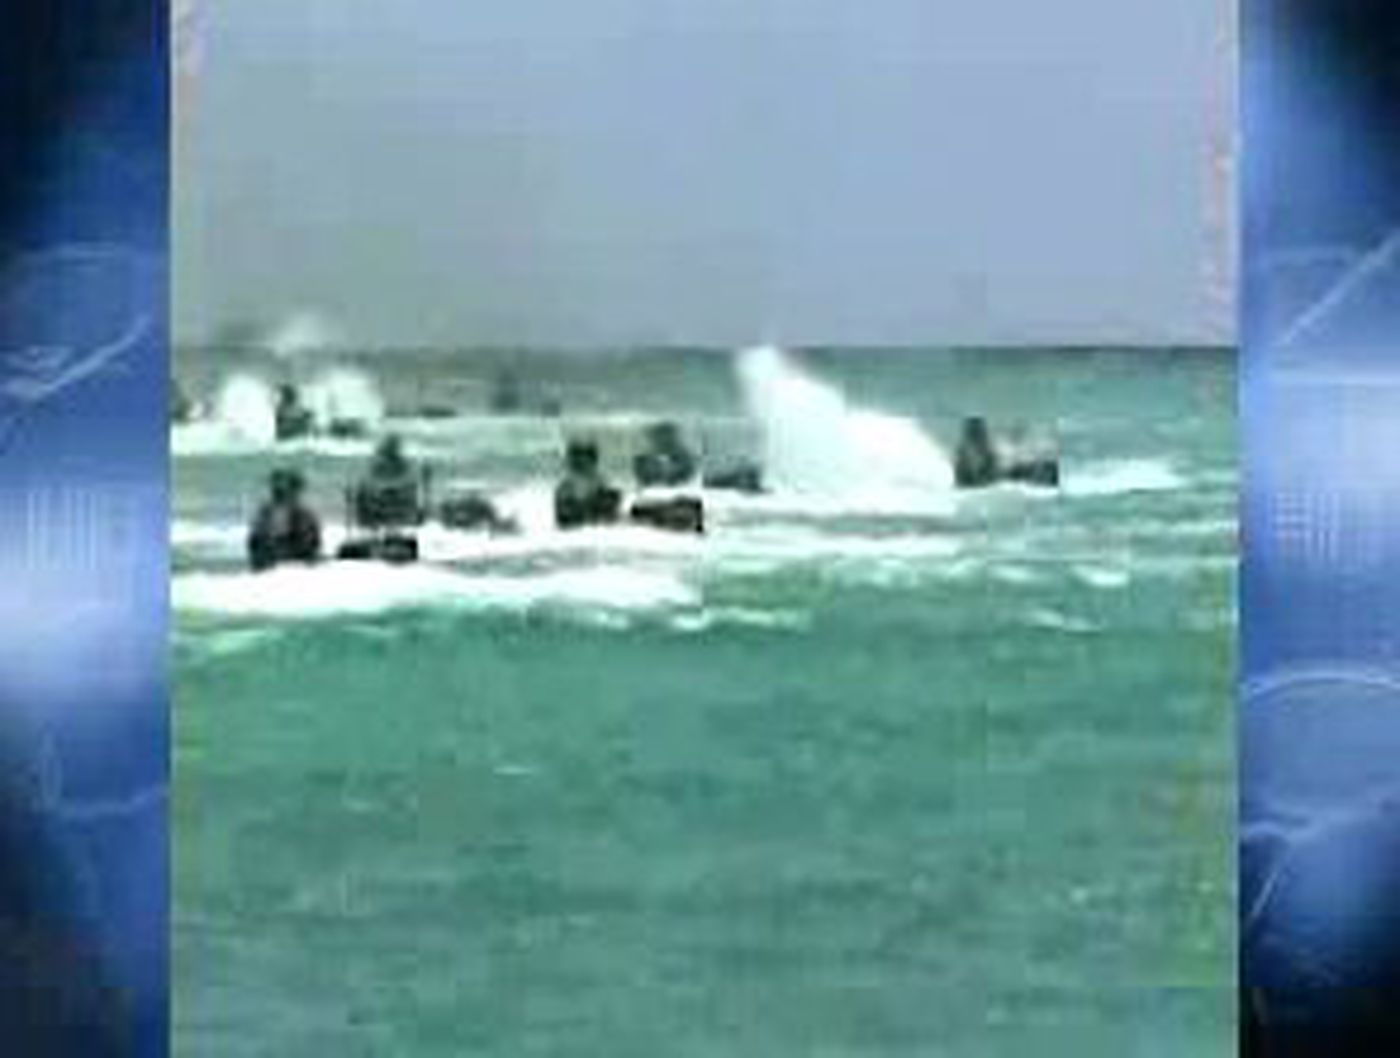 Navy conducting training exercise on Oahu, Kauai